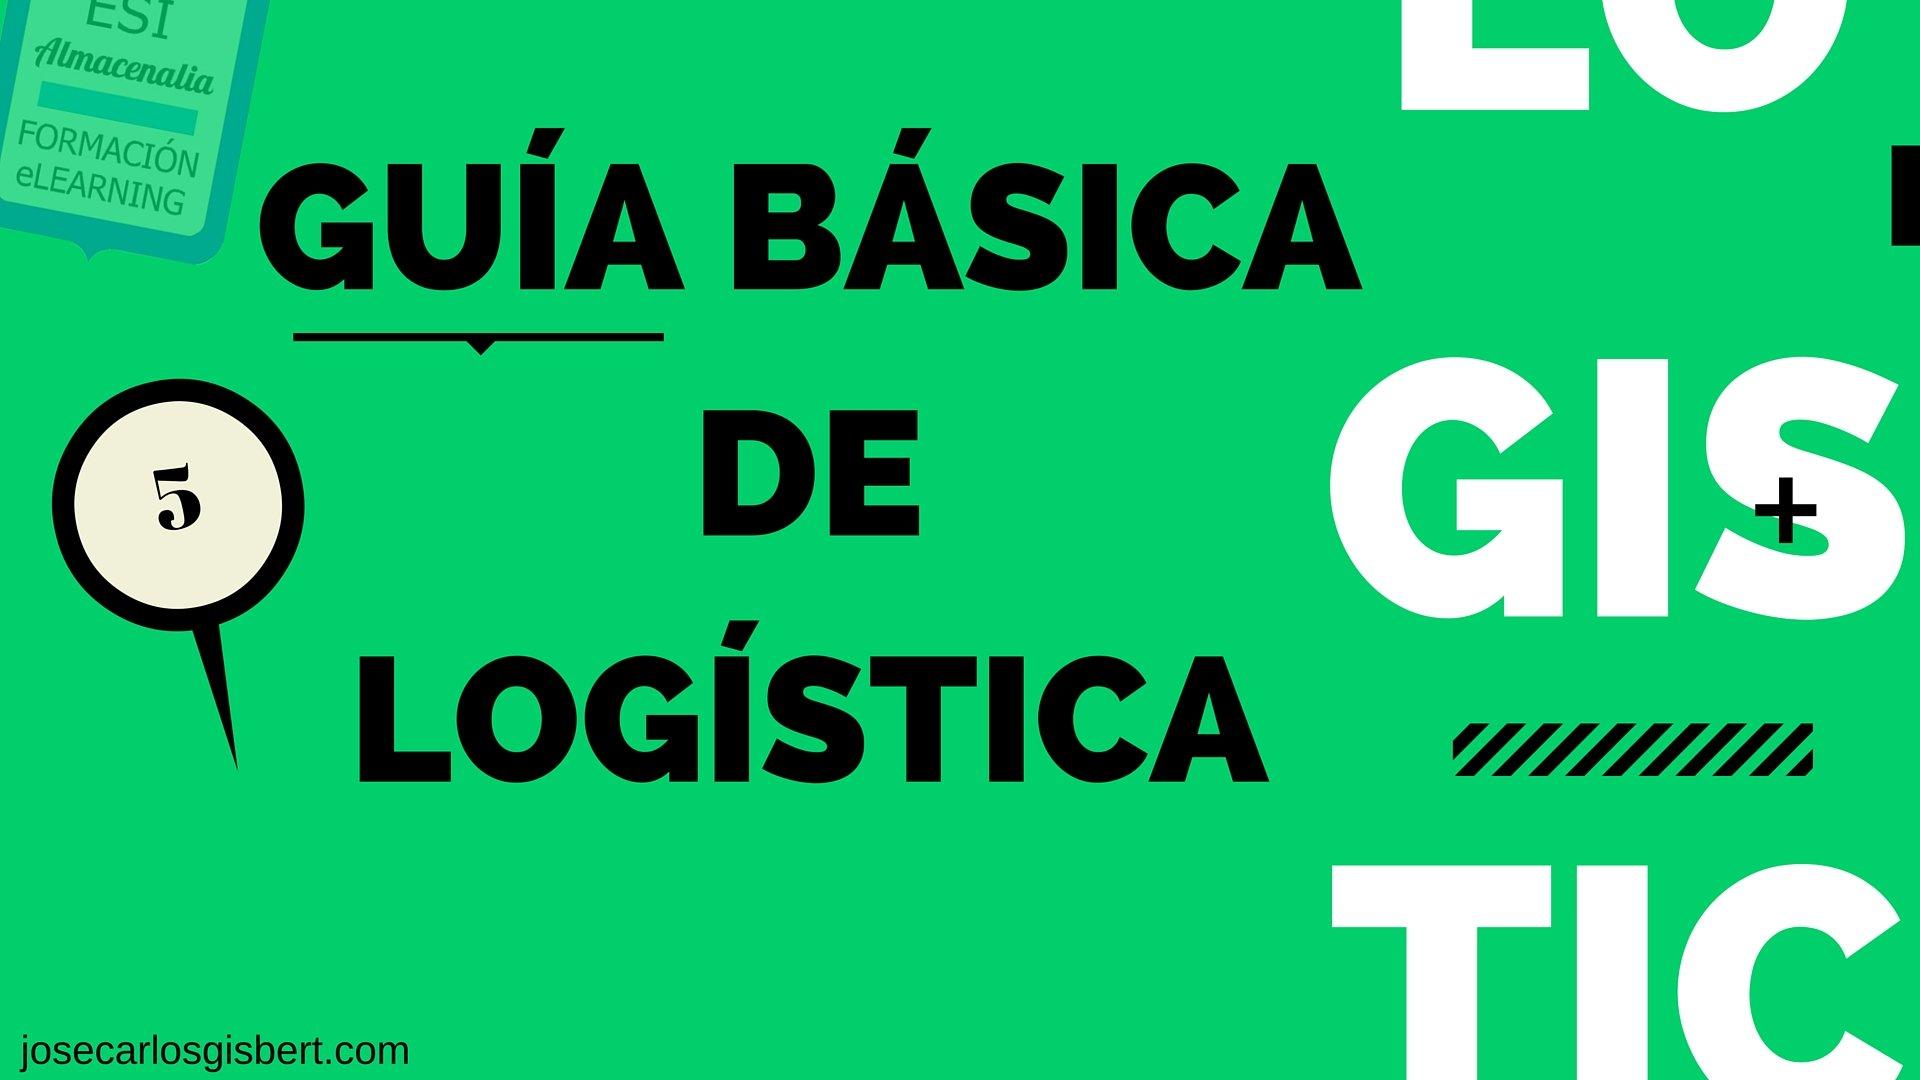 GESTIÓN LOGÍSTICA Y OPTIMIZACIÓN. GUIA DE LOGÍSTICA BÁSICA 5